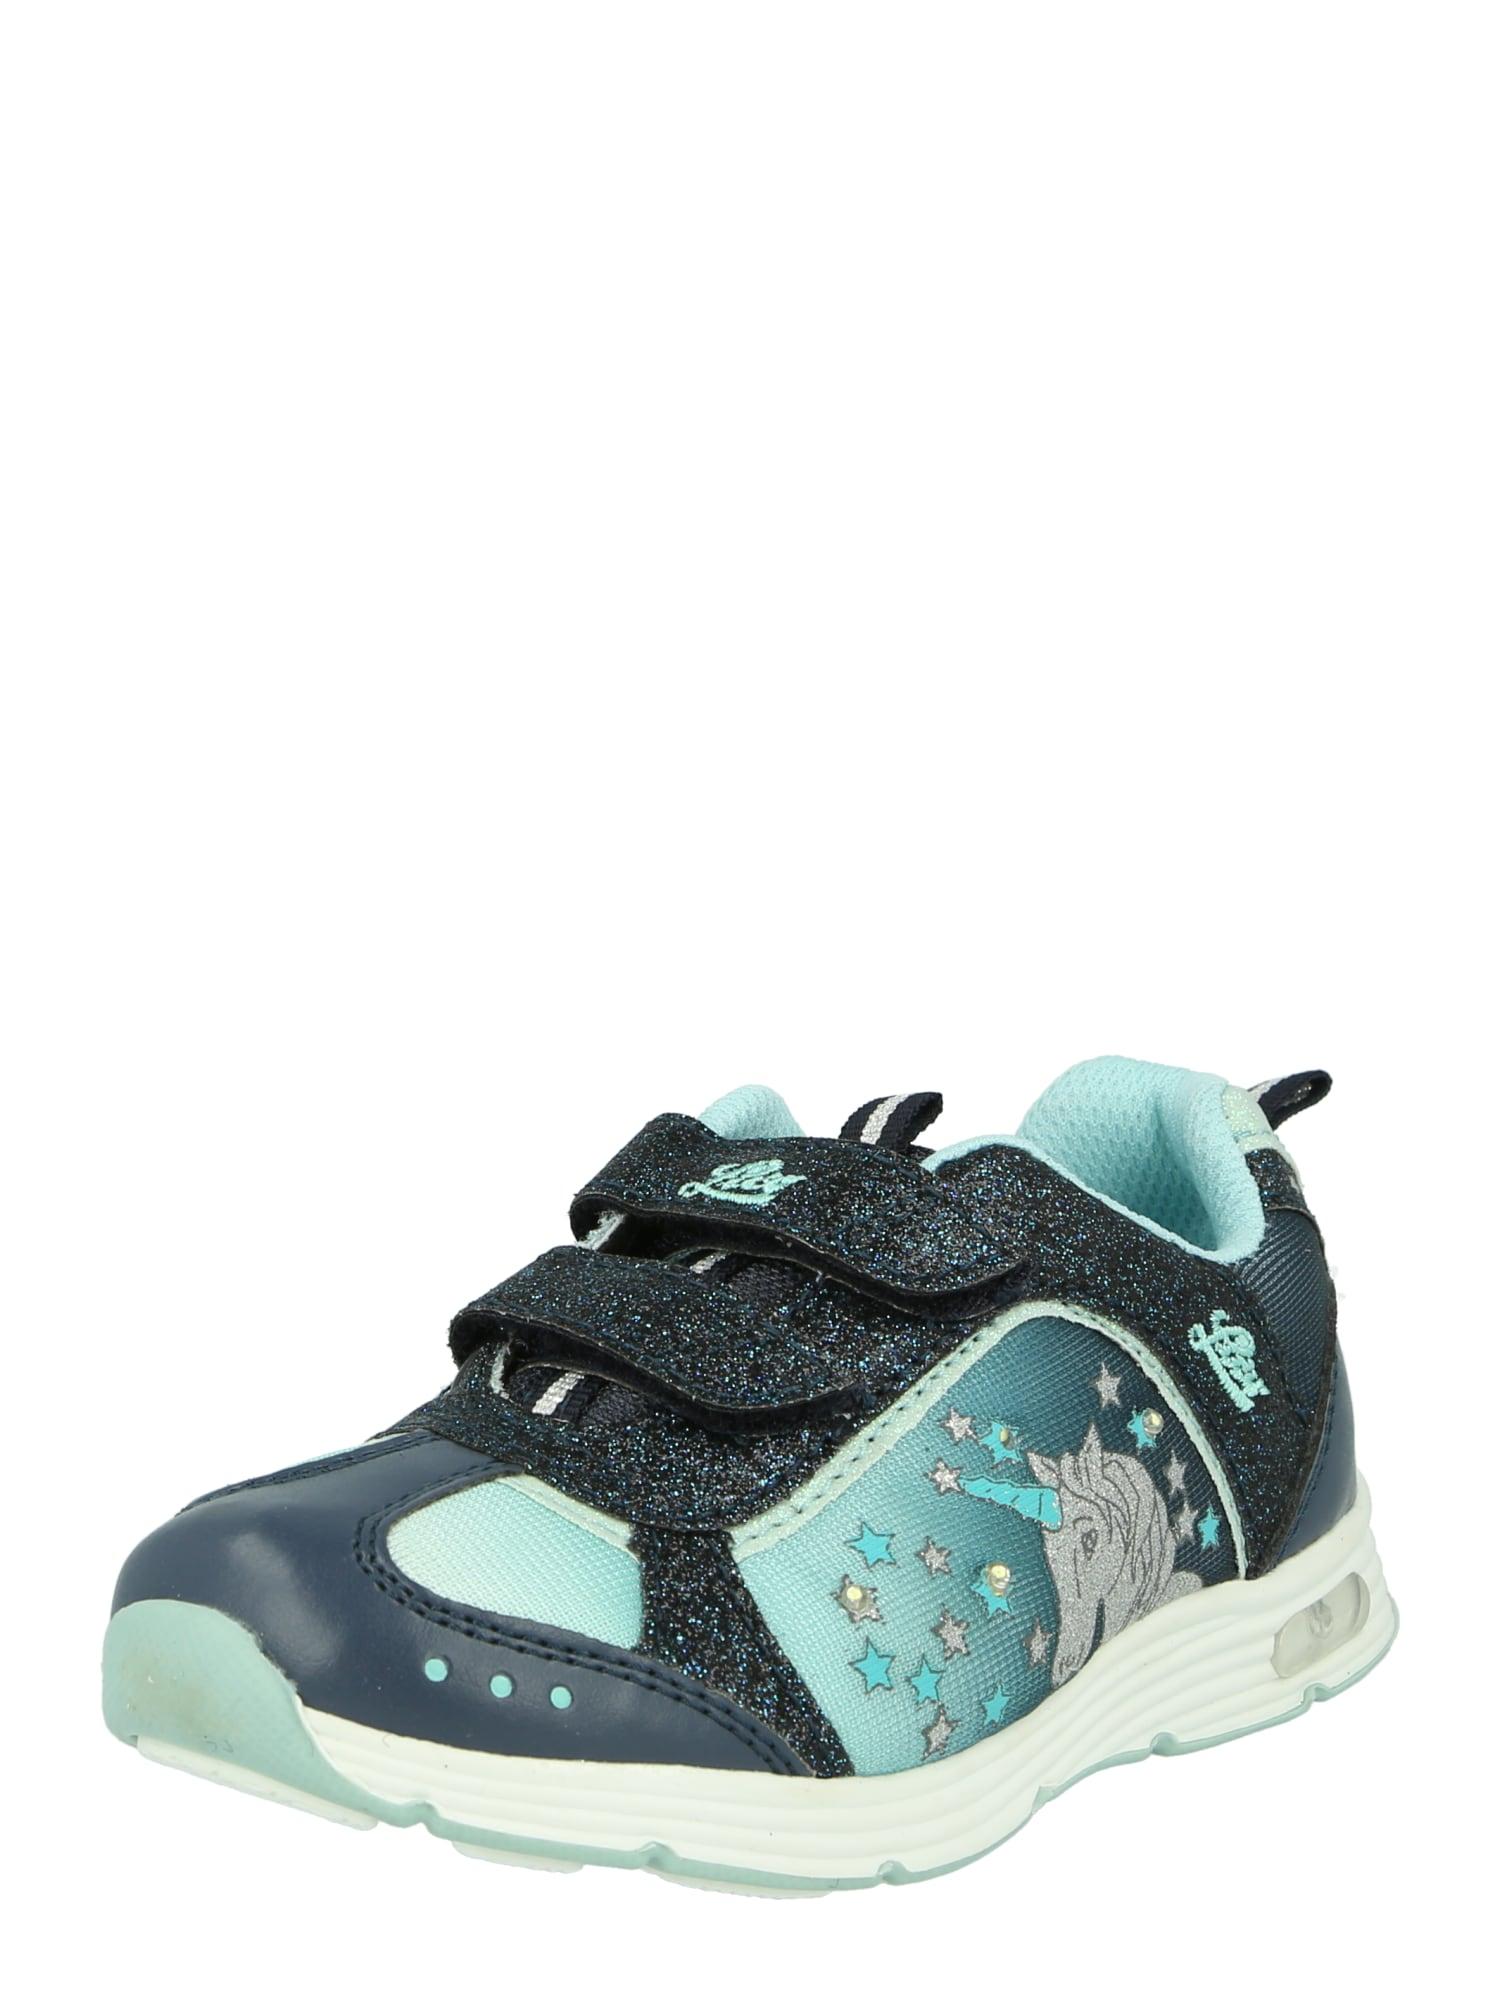 LICO Sportiniai batai 'Blinkies Unicorn Blinky' tamsiai mėlyna / šviesiai mėlyna